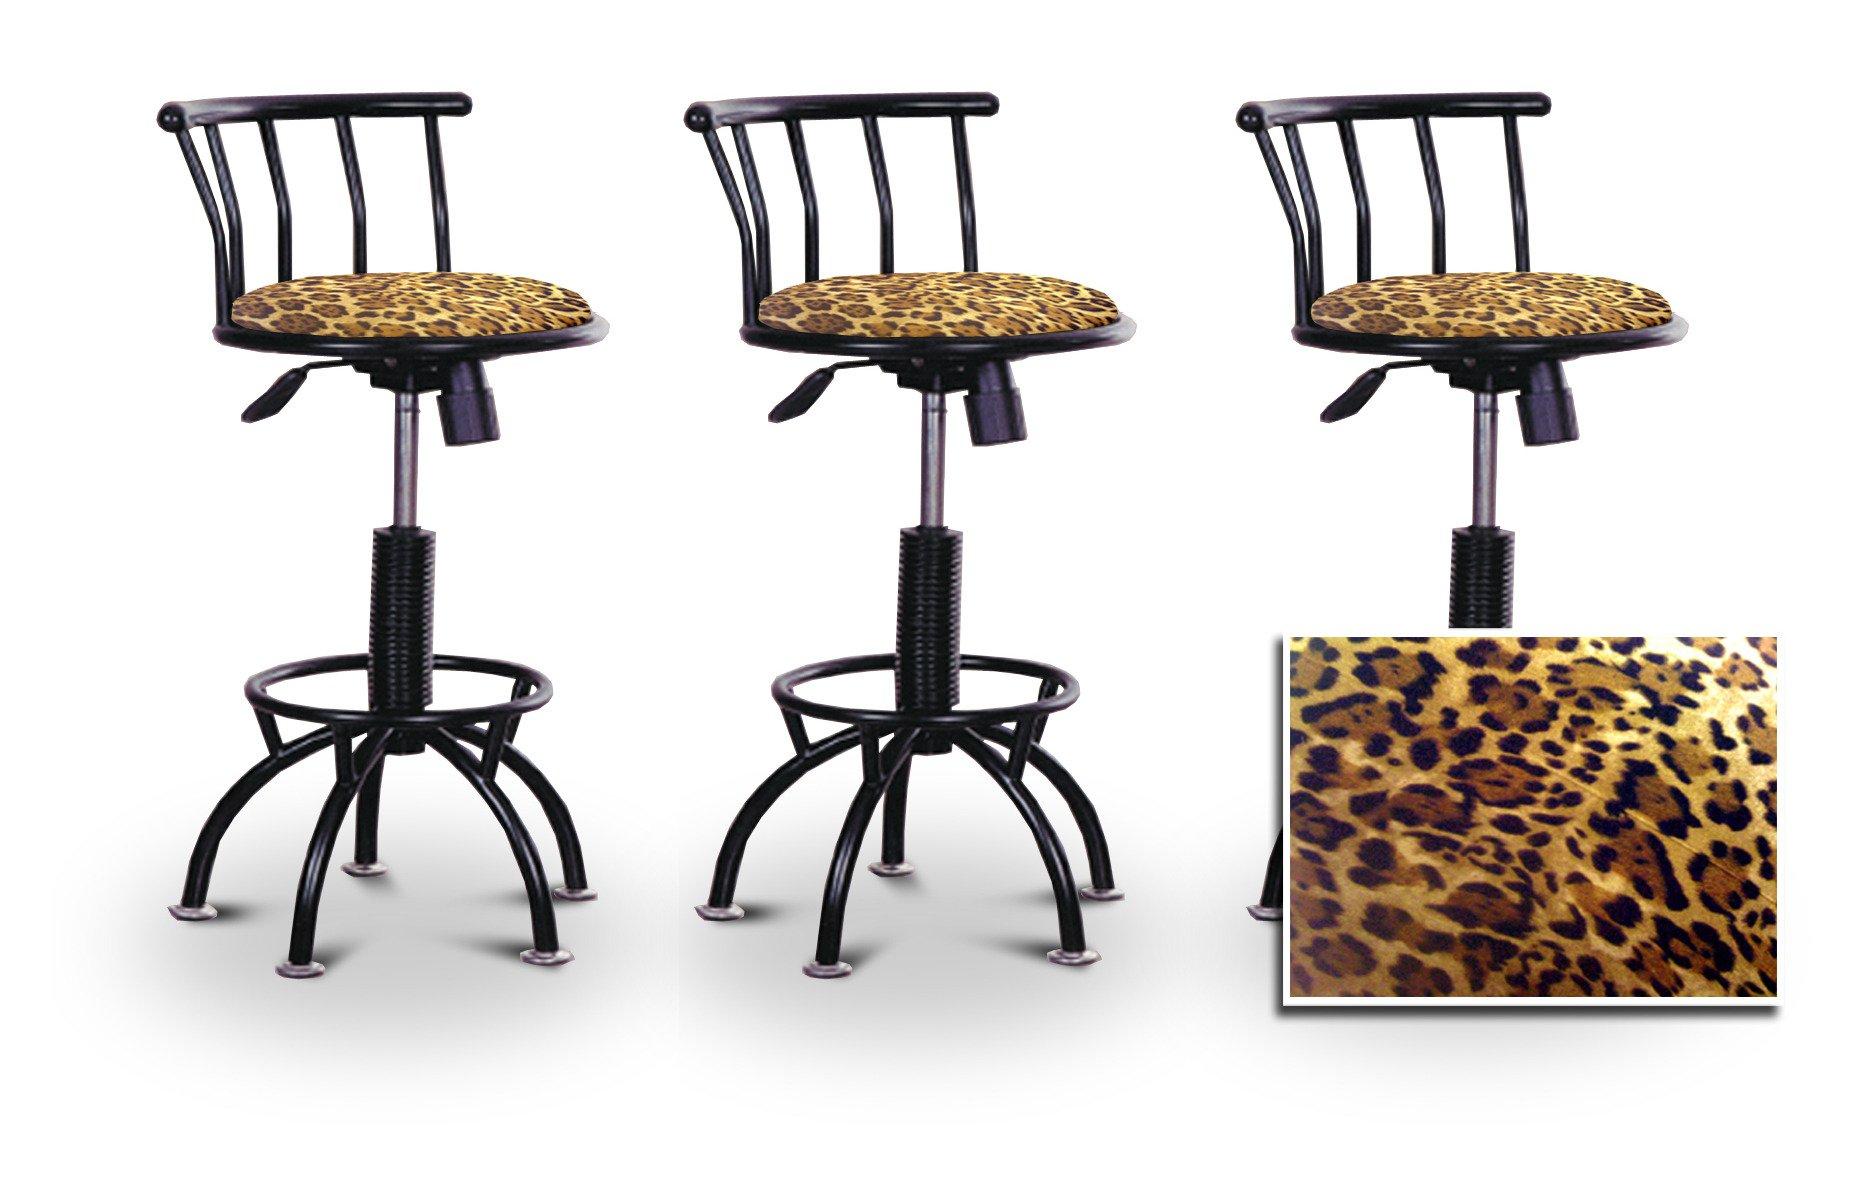 3 24''-29'' Leopard Animal Print Seat Black Adjustable Specialty / Custom Barstools Set